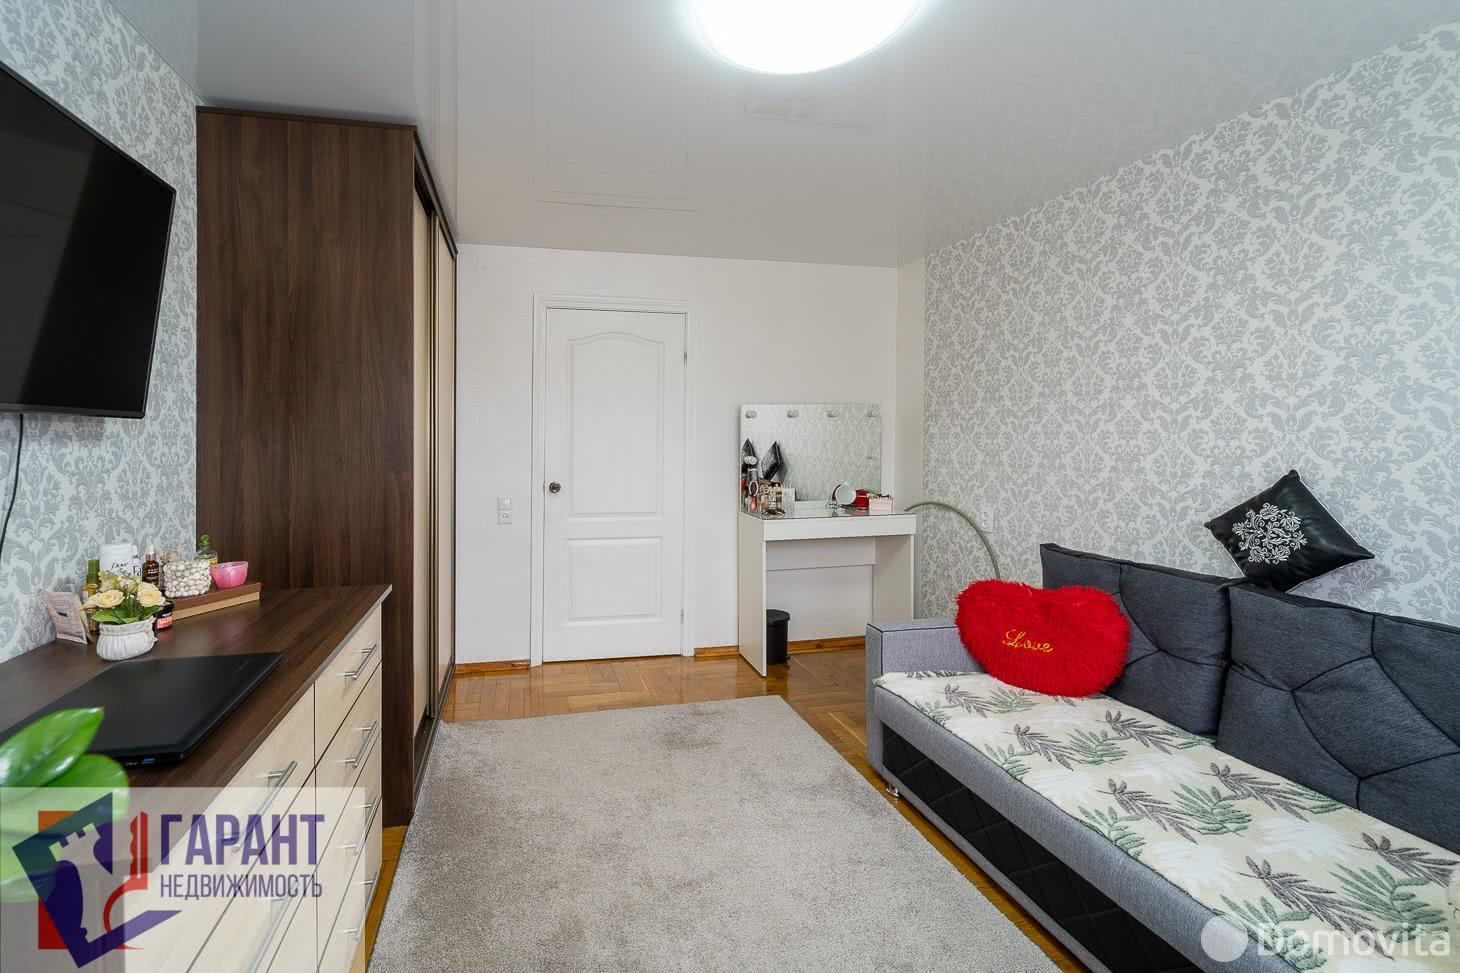 Купить комнату в Минске, ул. Одинцова, д. 29 - фото 5